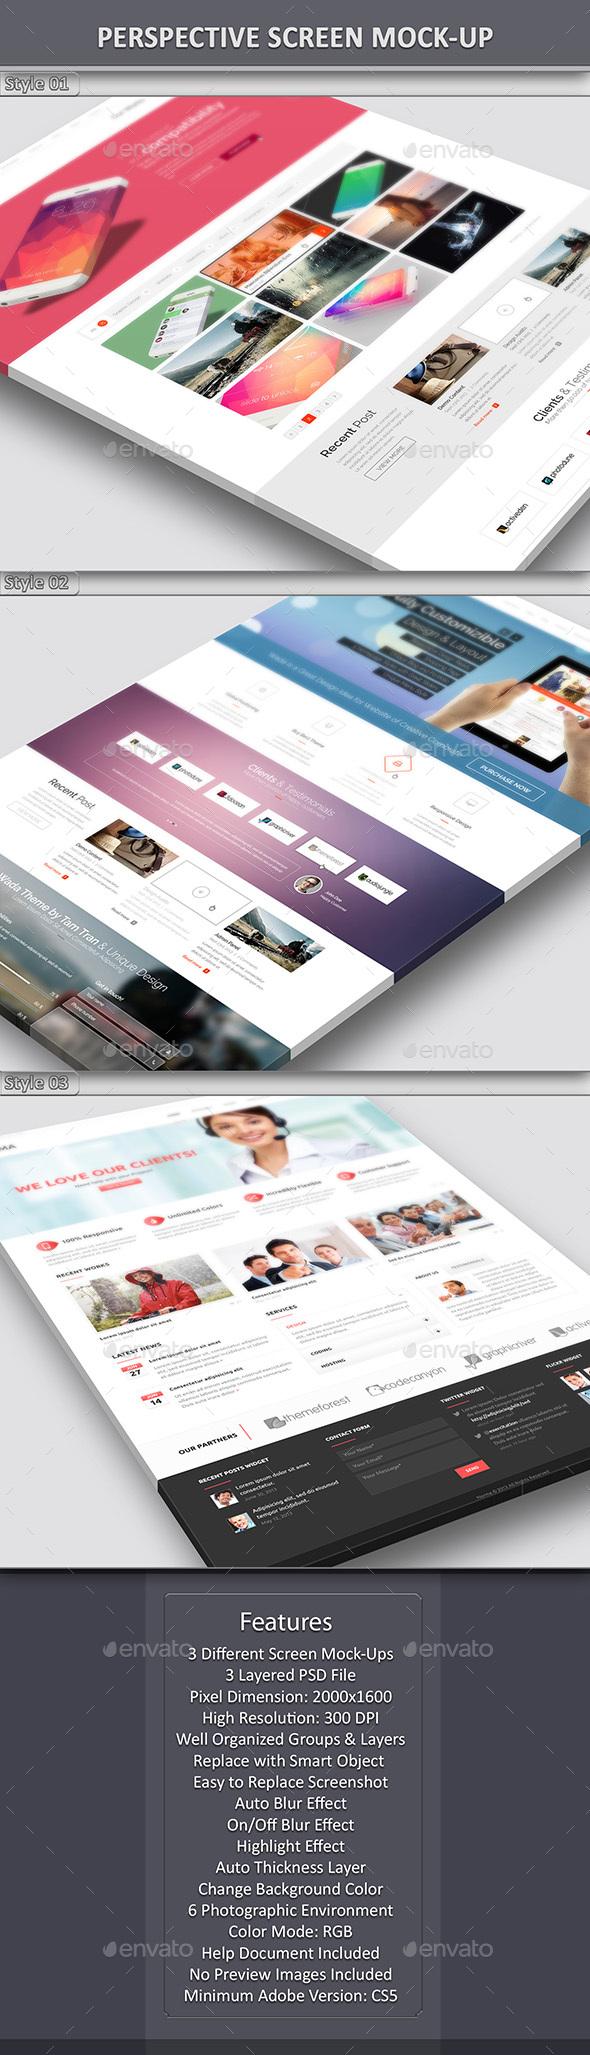 Perspective Screen Mock-Up - Website Displays